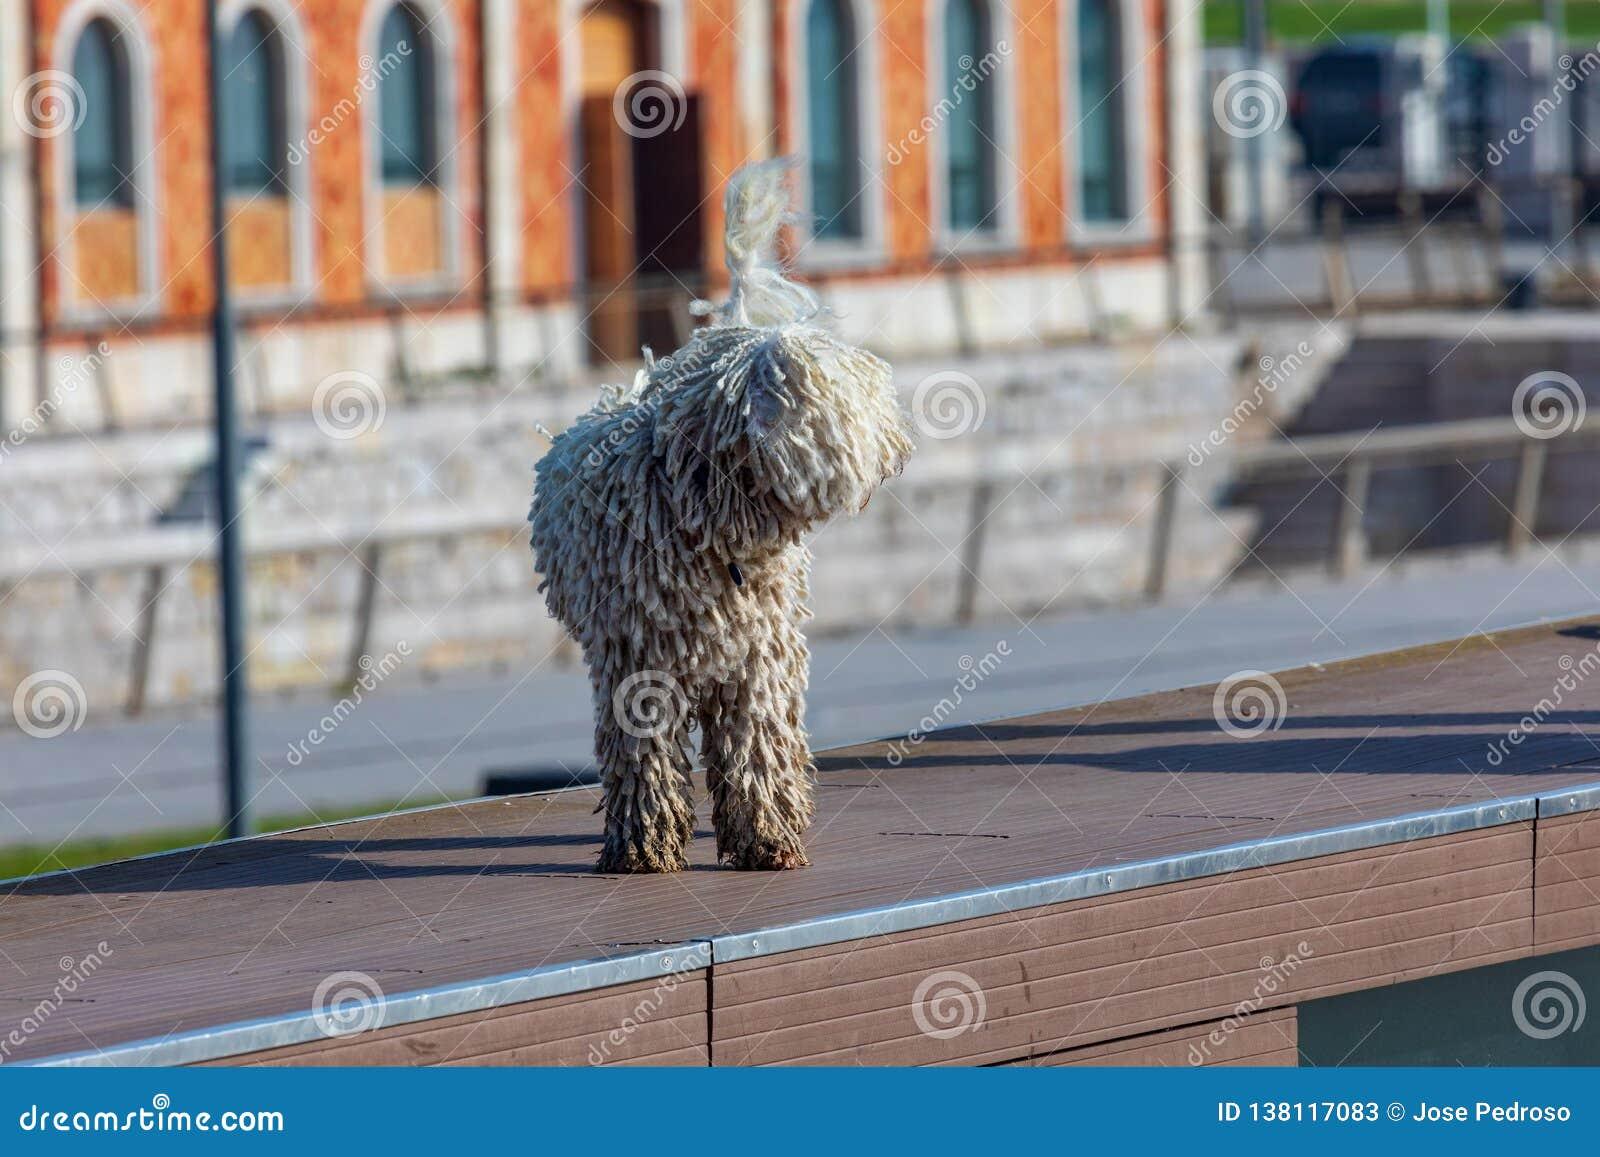 Hiszpański wodny pies Cantabrian - Barbet traken przedpole